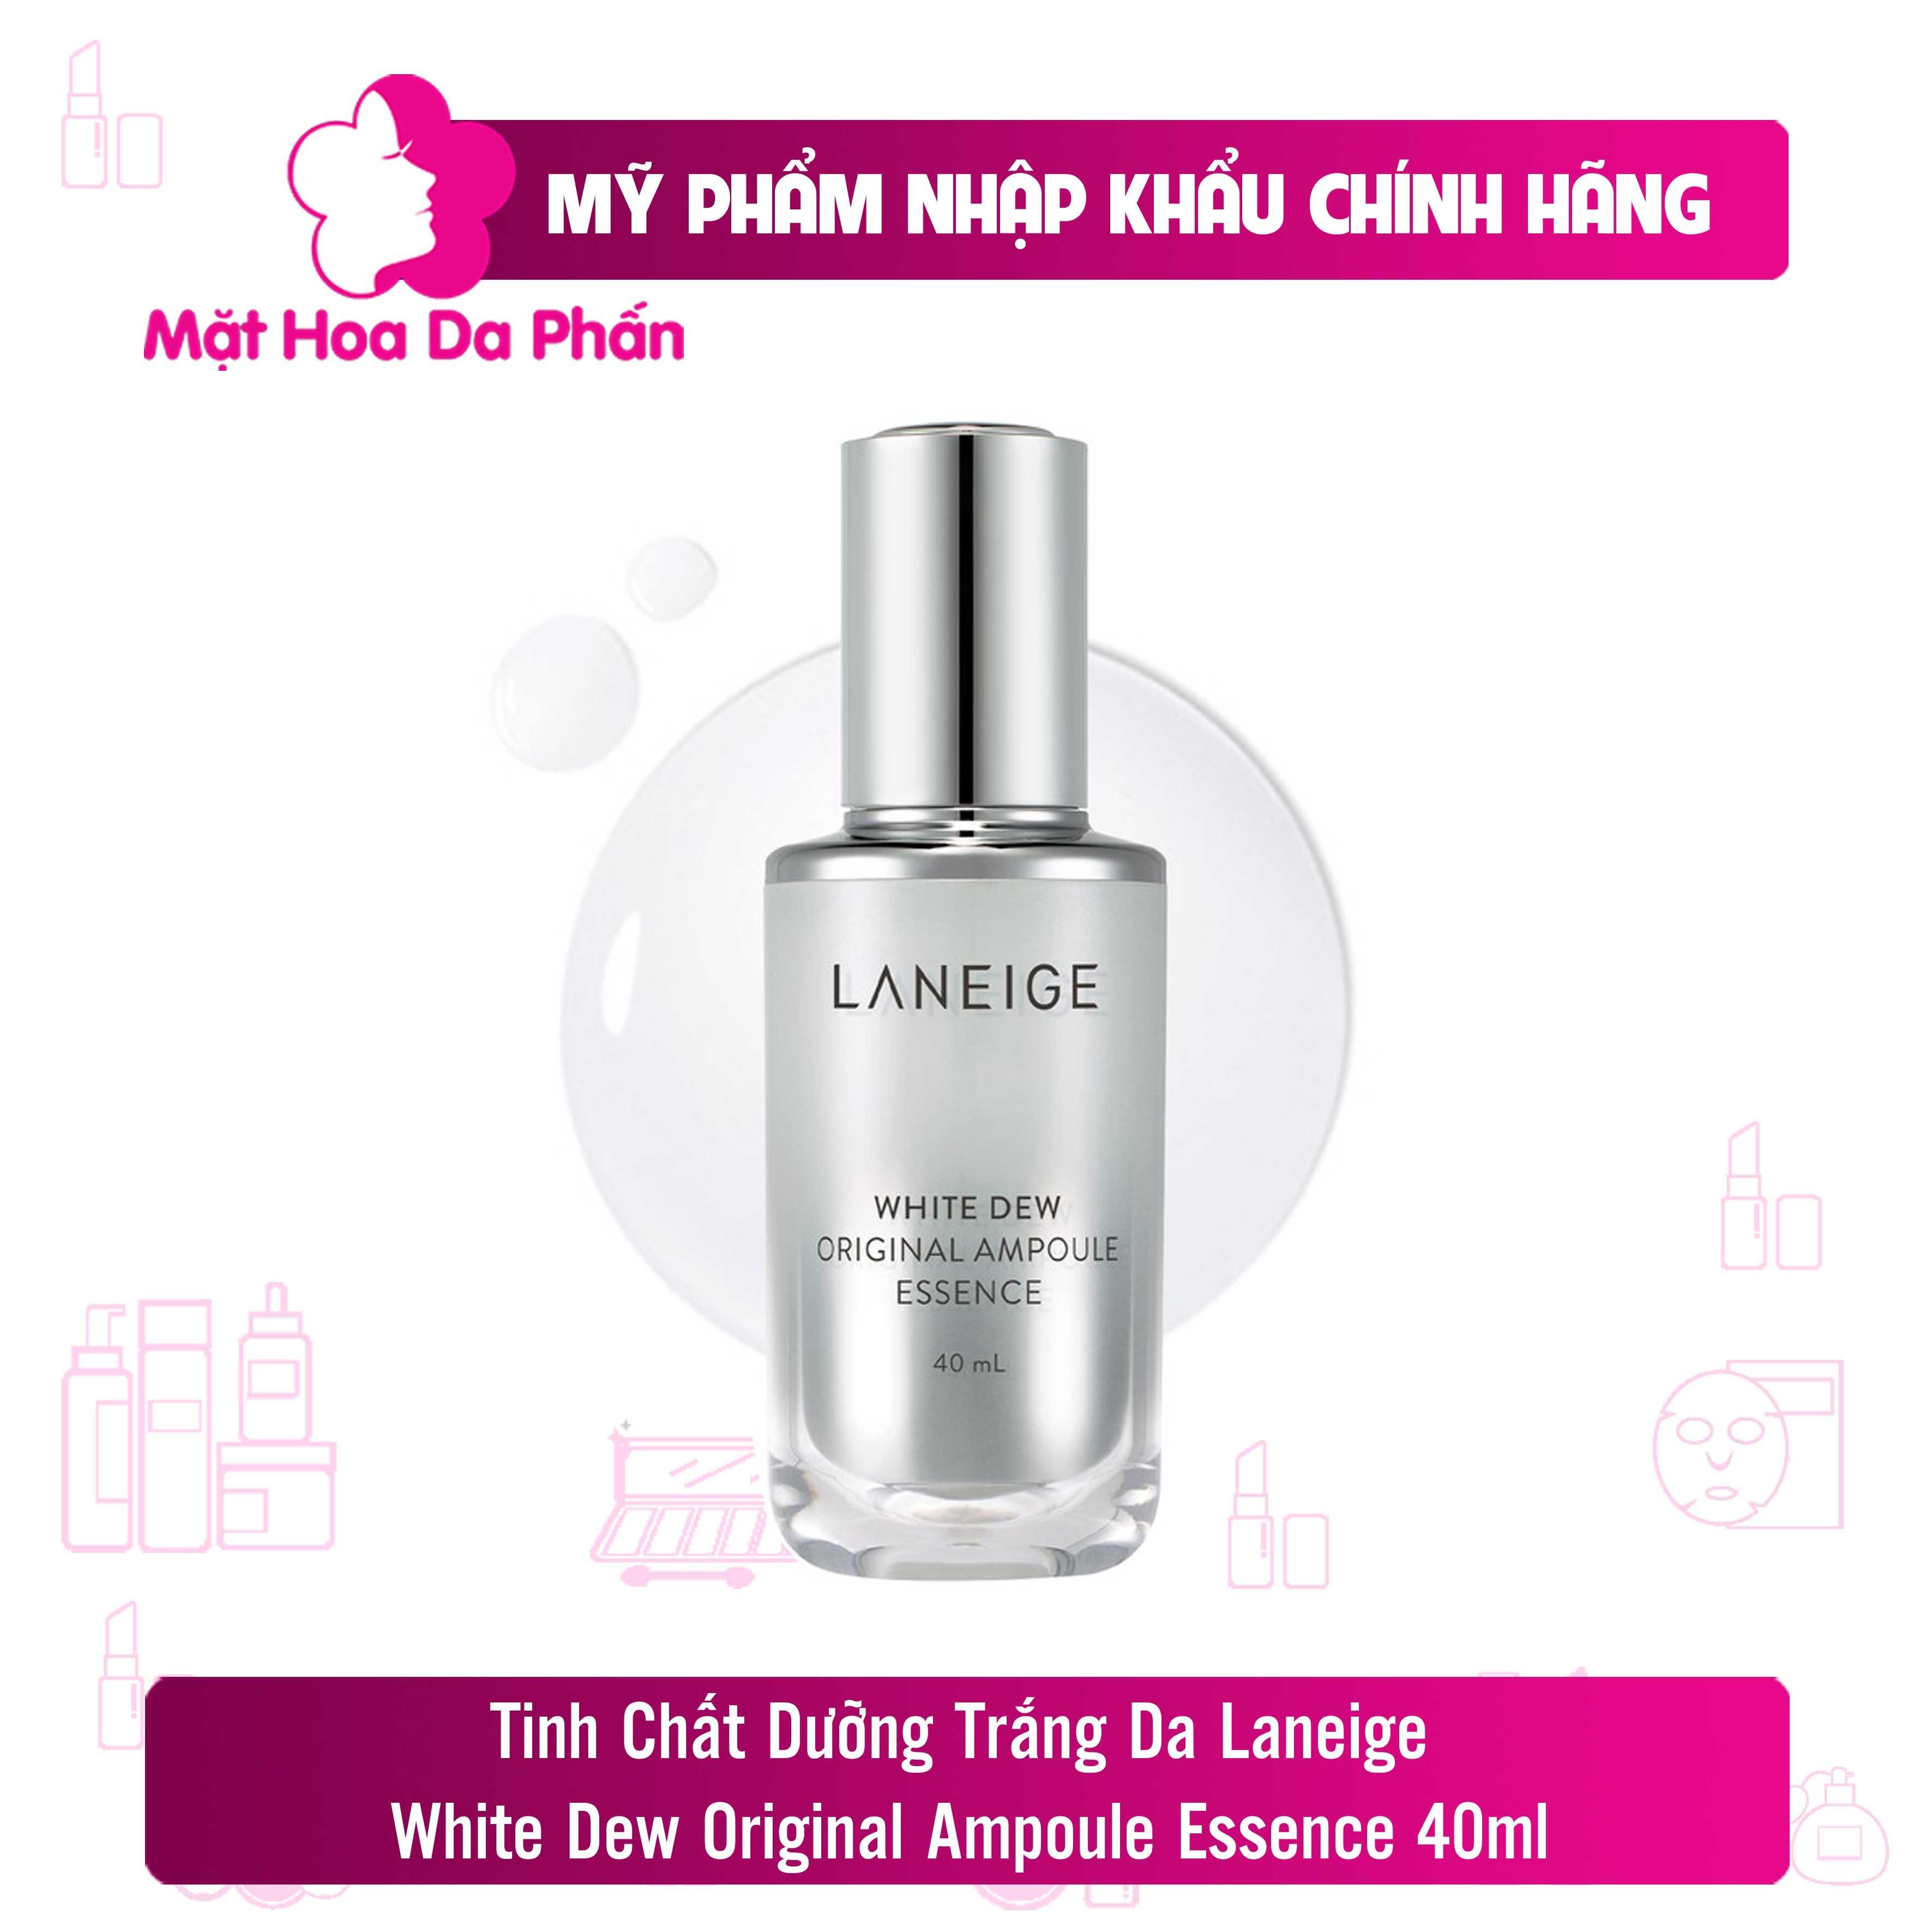 Tinh Chất Dưỡng Trắng Da Laneige White Dew Original Ampoule Essence 40ml